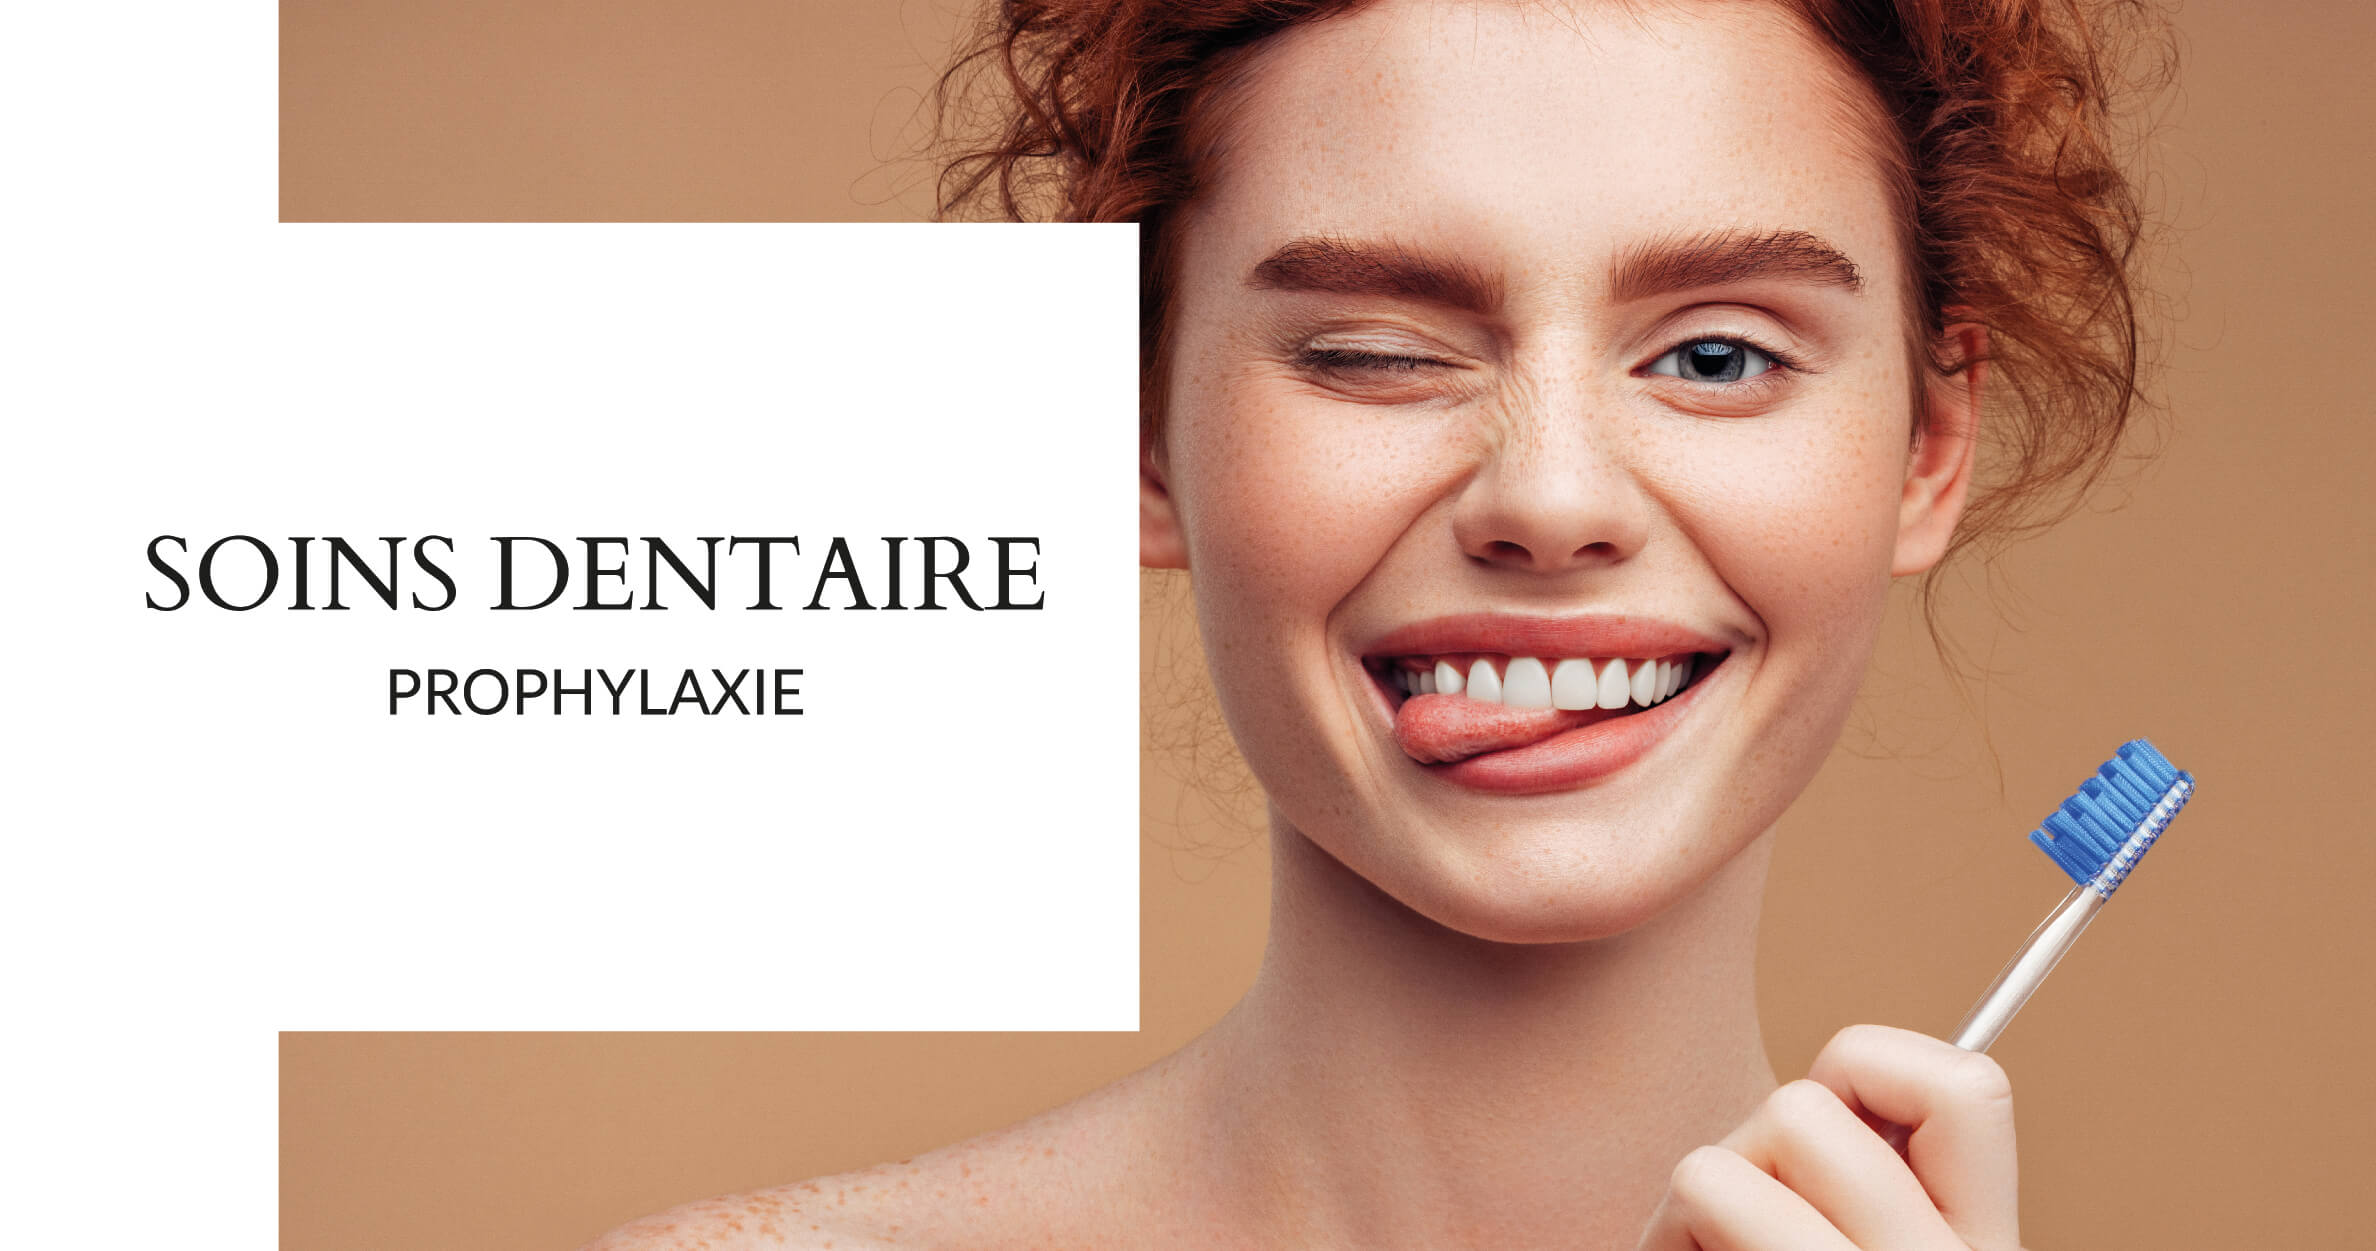 Prophylaxie - Cabinet dentaire du Dr Ludovic Ache Paris 16